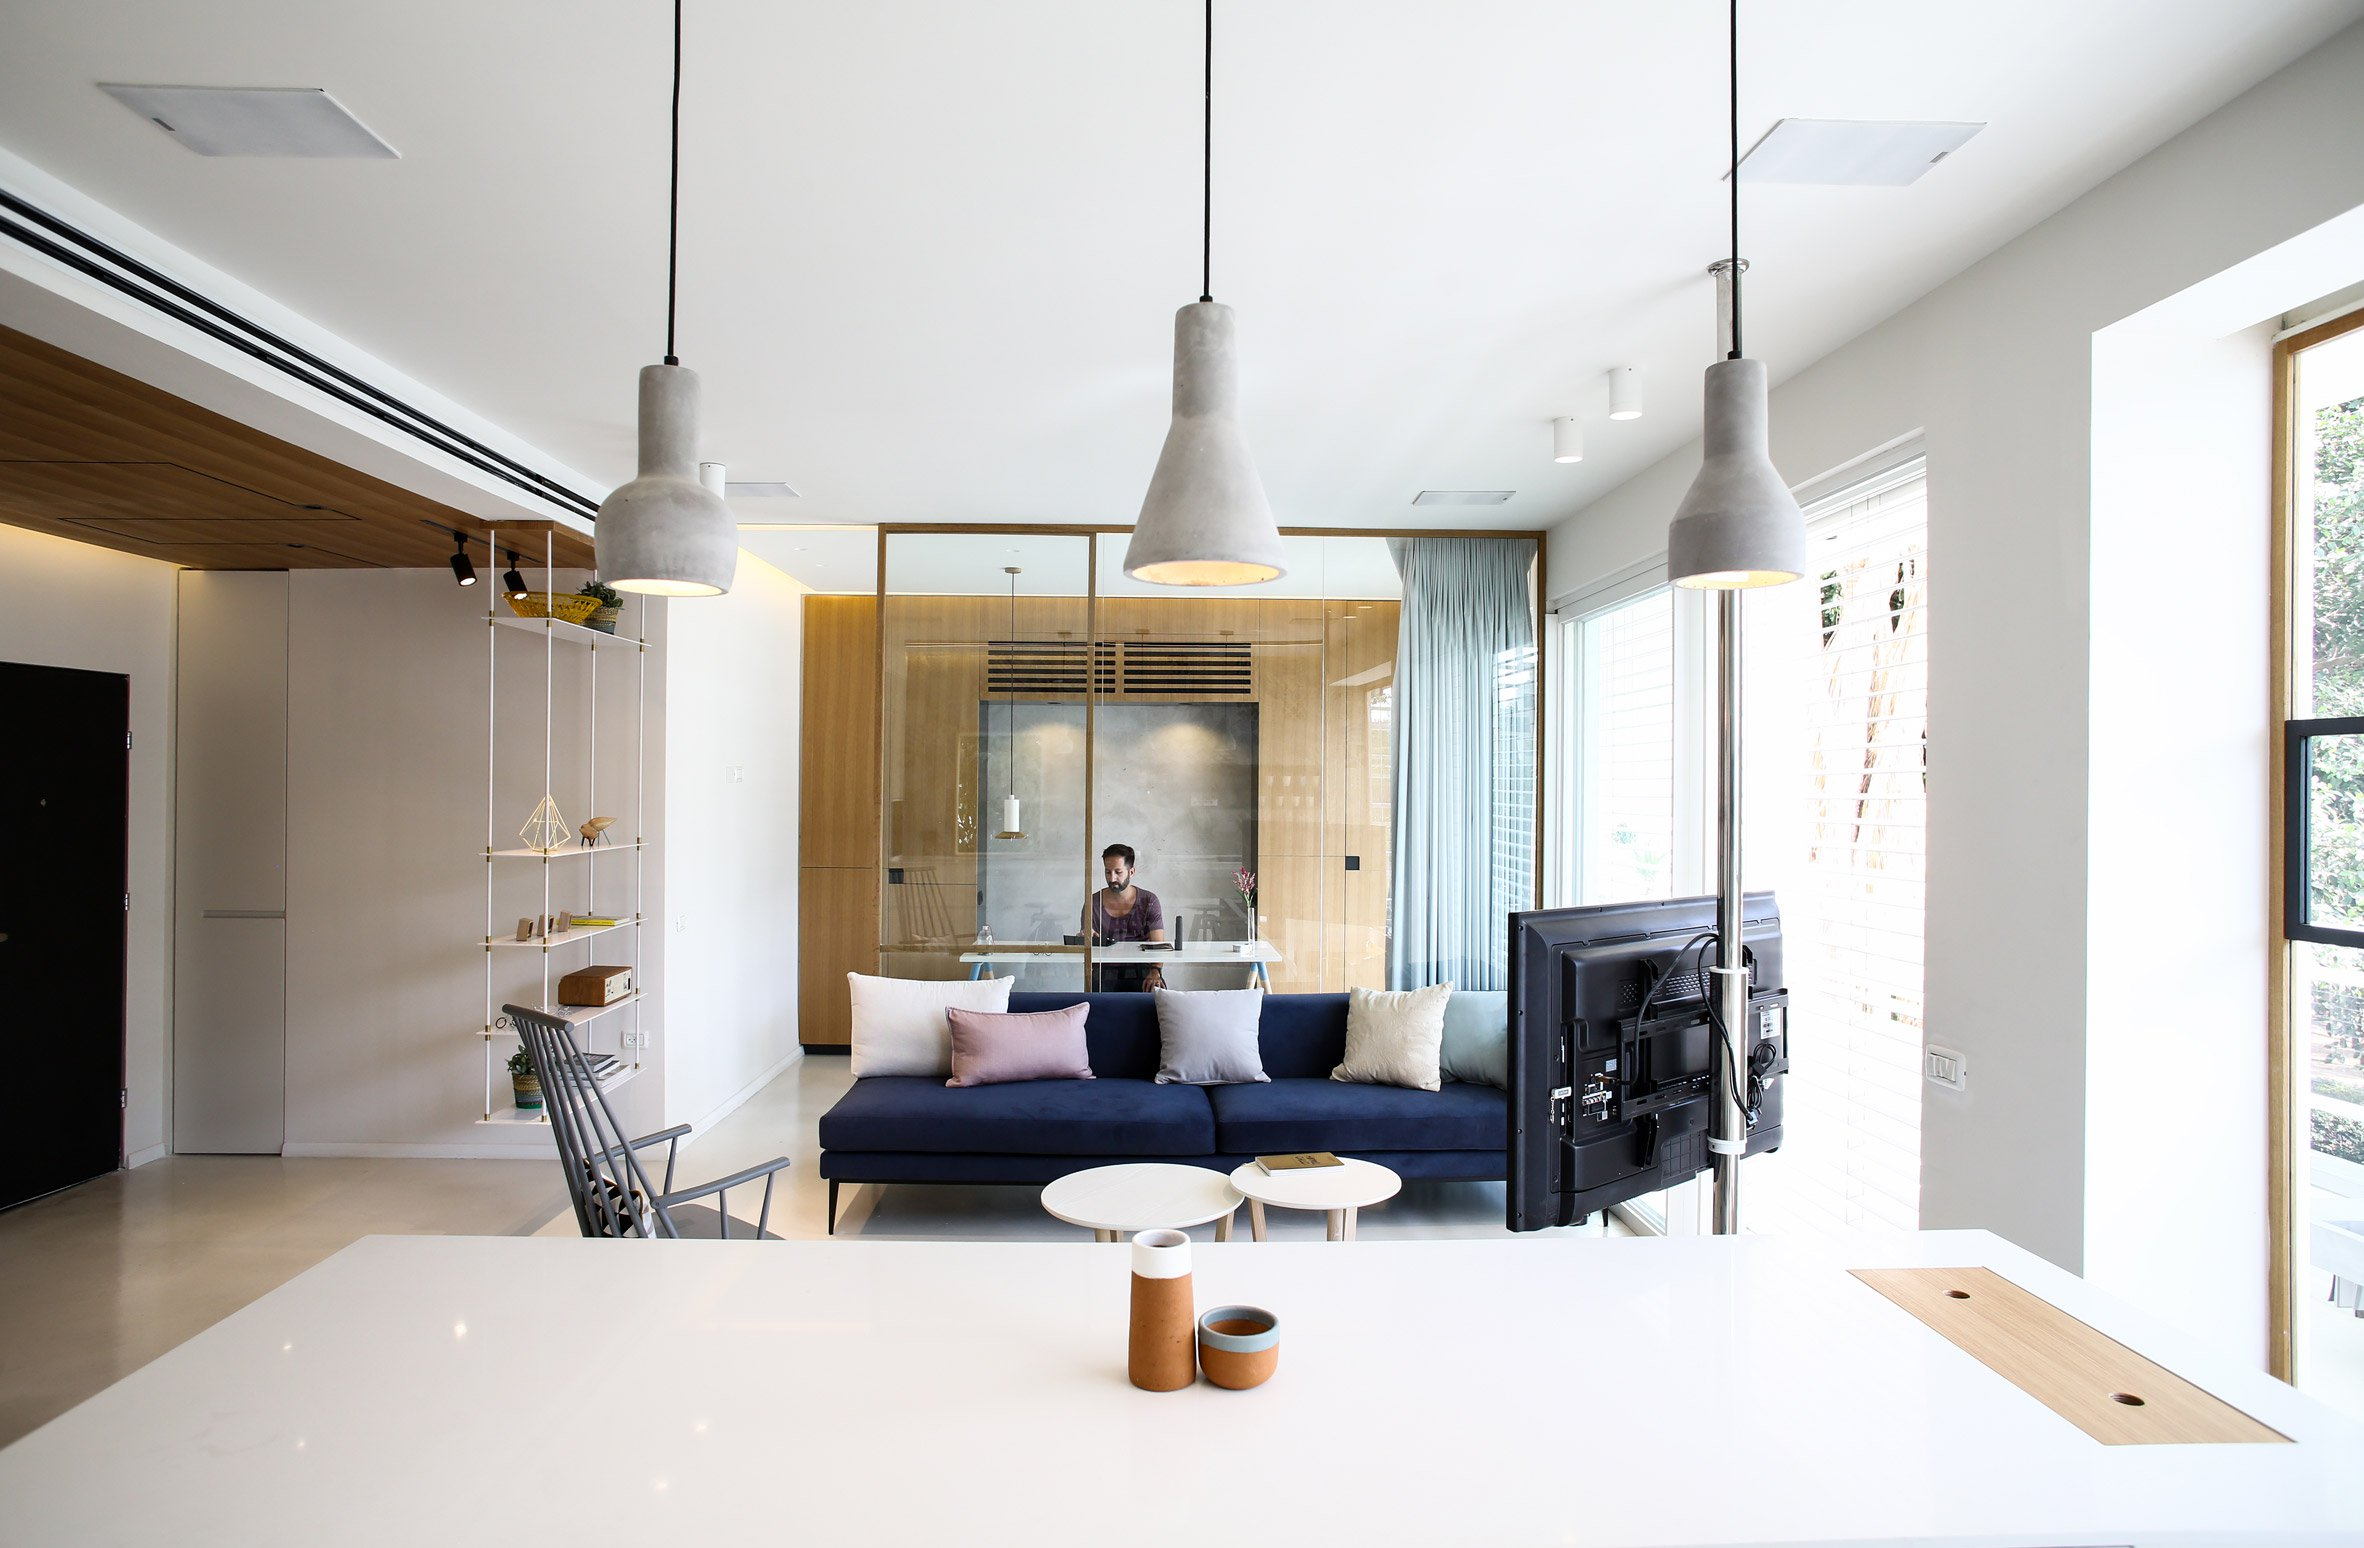 architecture-apartment-tel-aviv-design-studia-interiors-osnovadesign-osnova-poltava_03